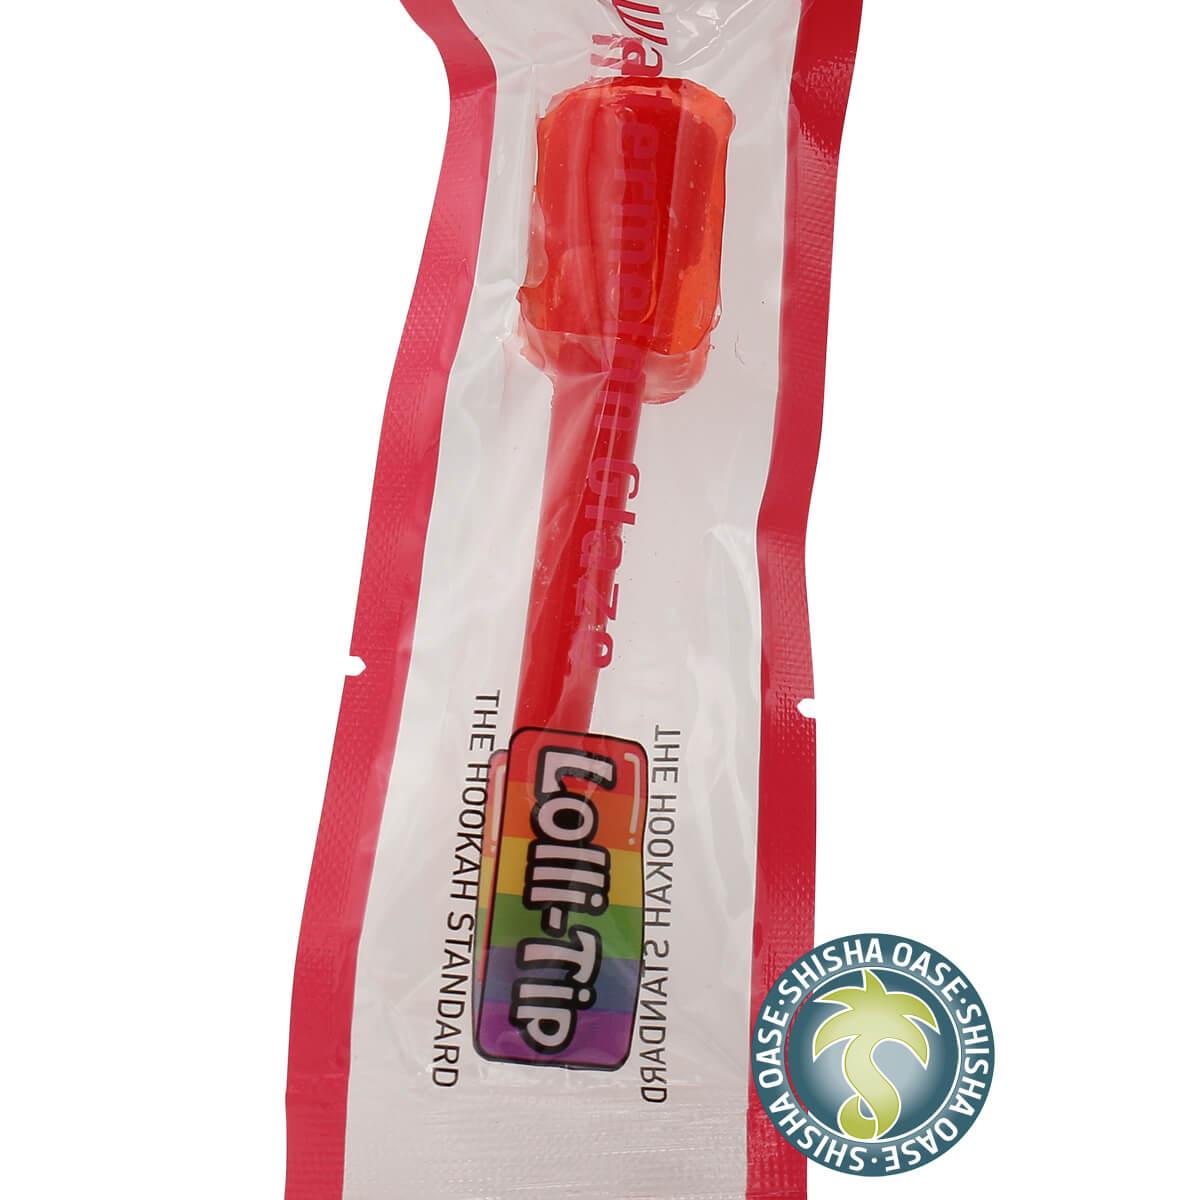 Hygienemundstück mit Lolli | Lolli Tip | Watermelon Glaze